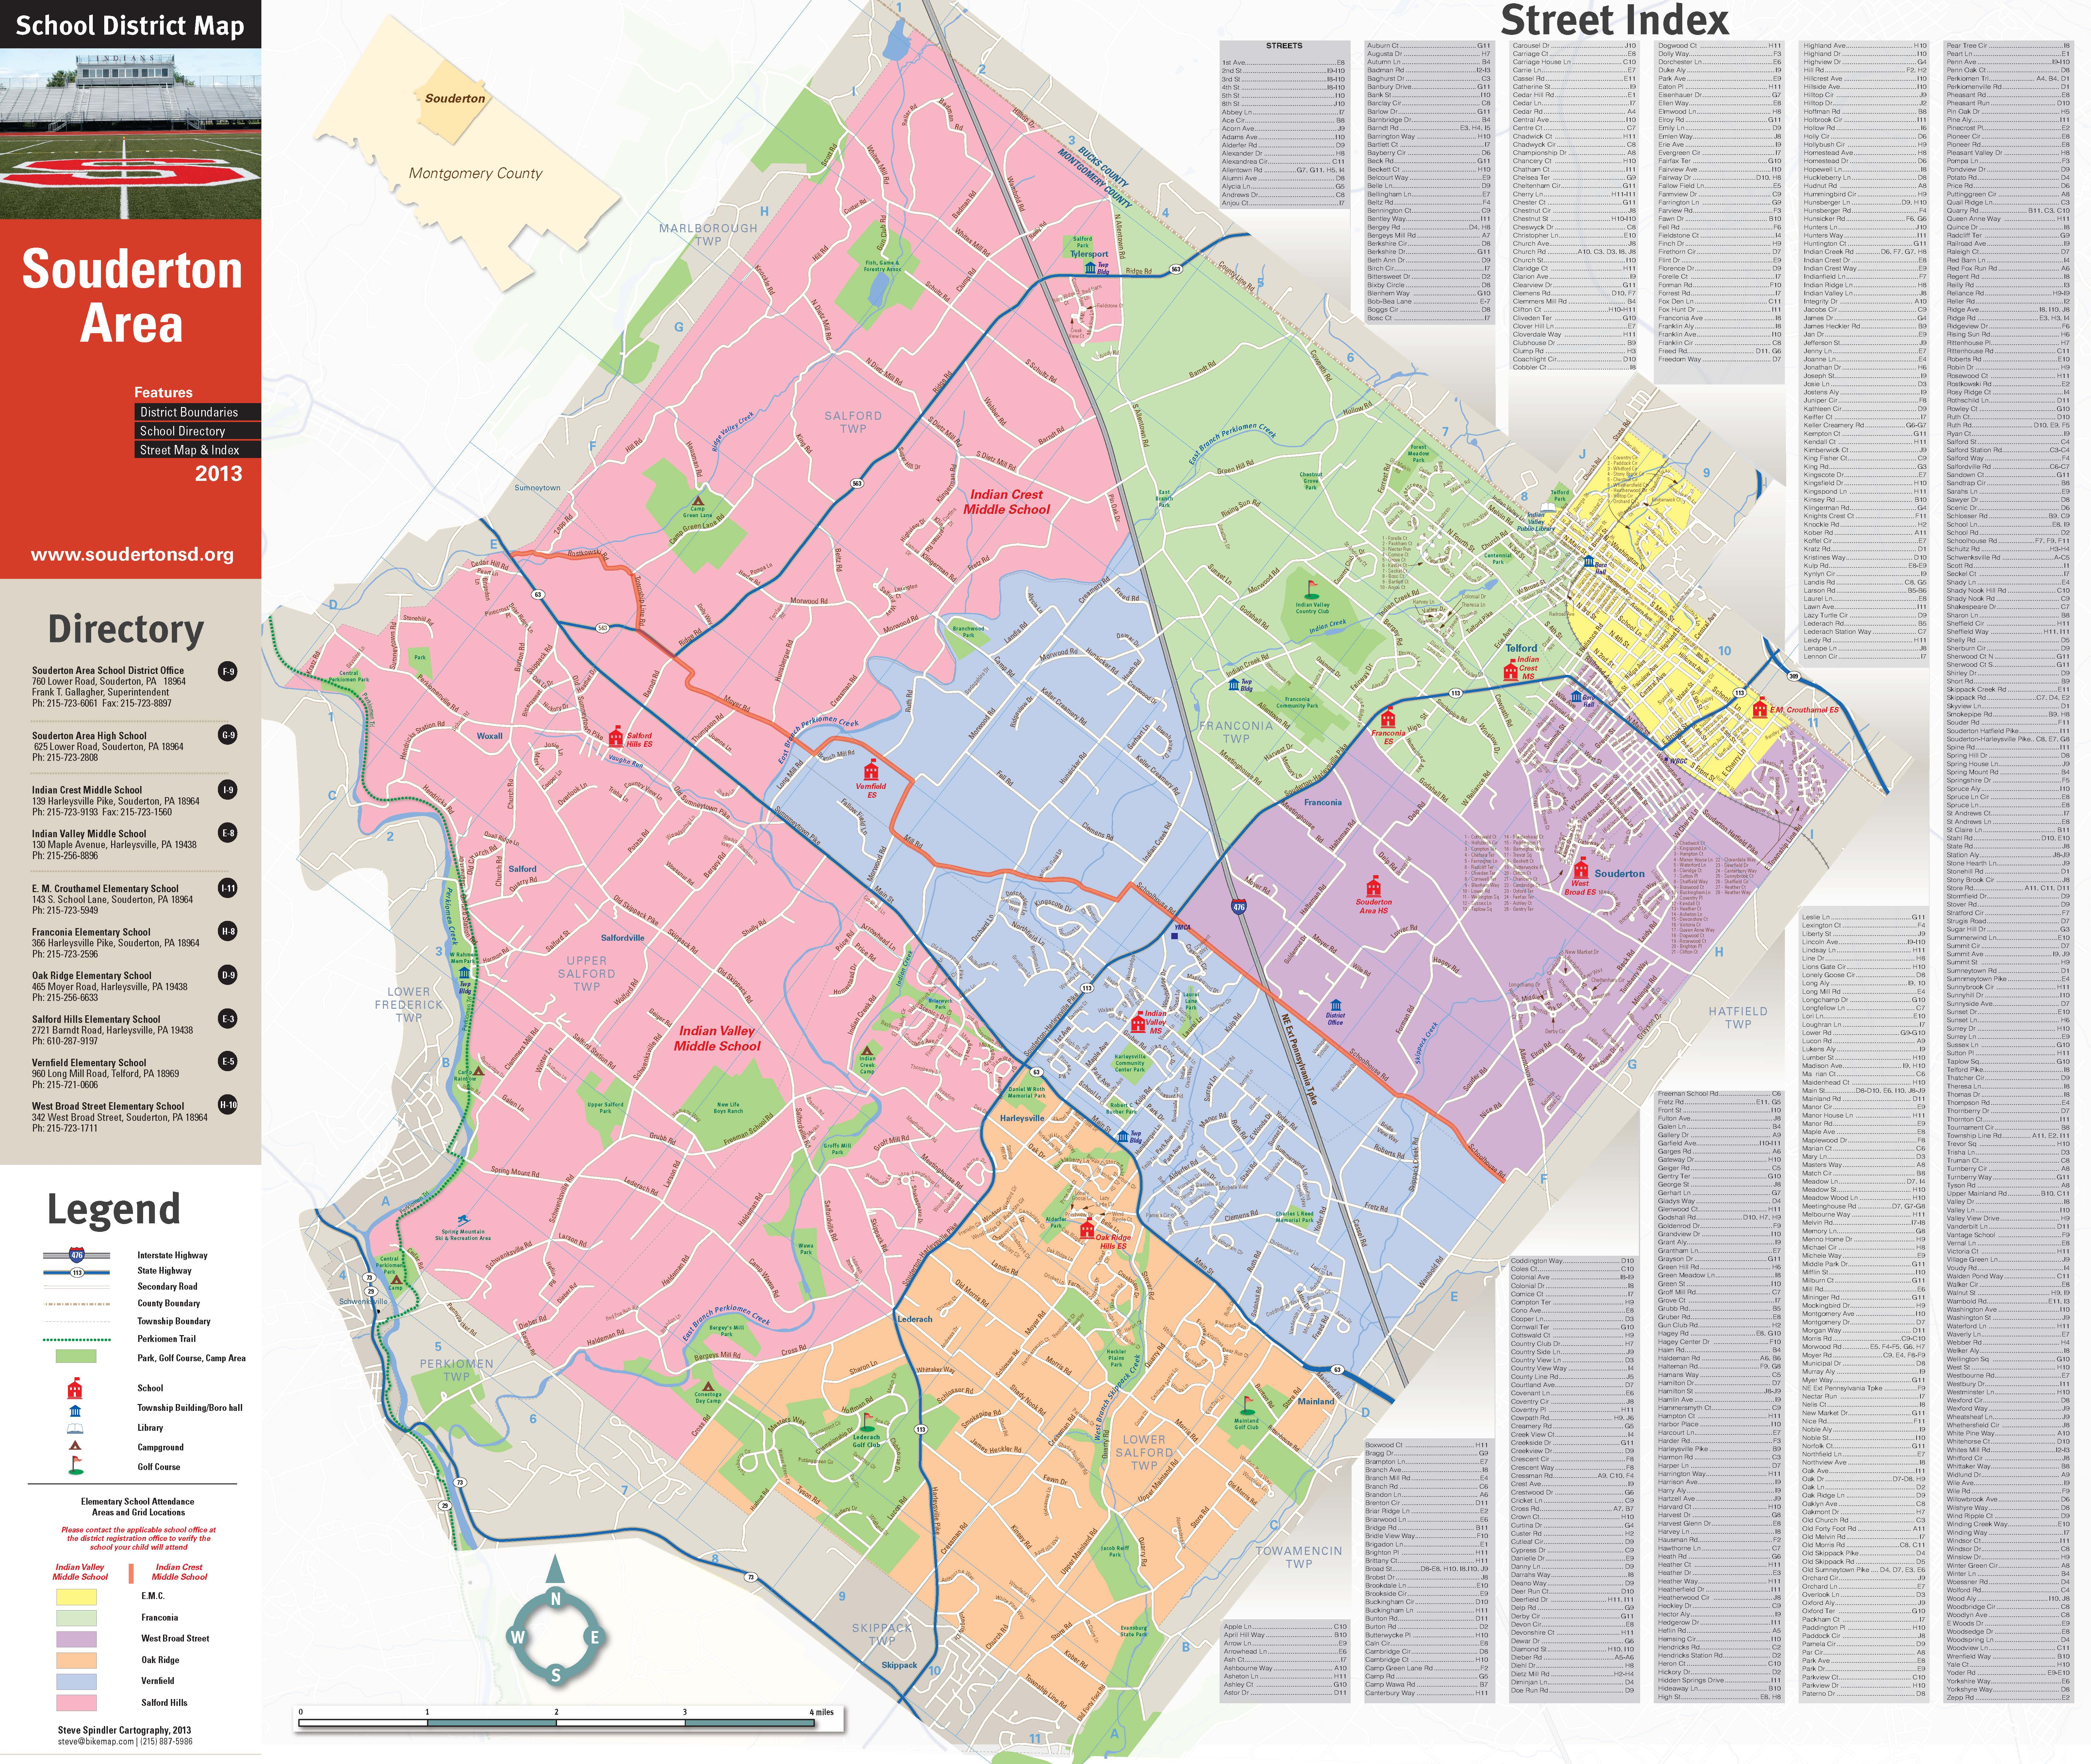 Souderton school district wikimapping souderton school district souderton map altavistaventures Gallery